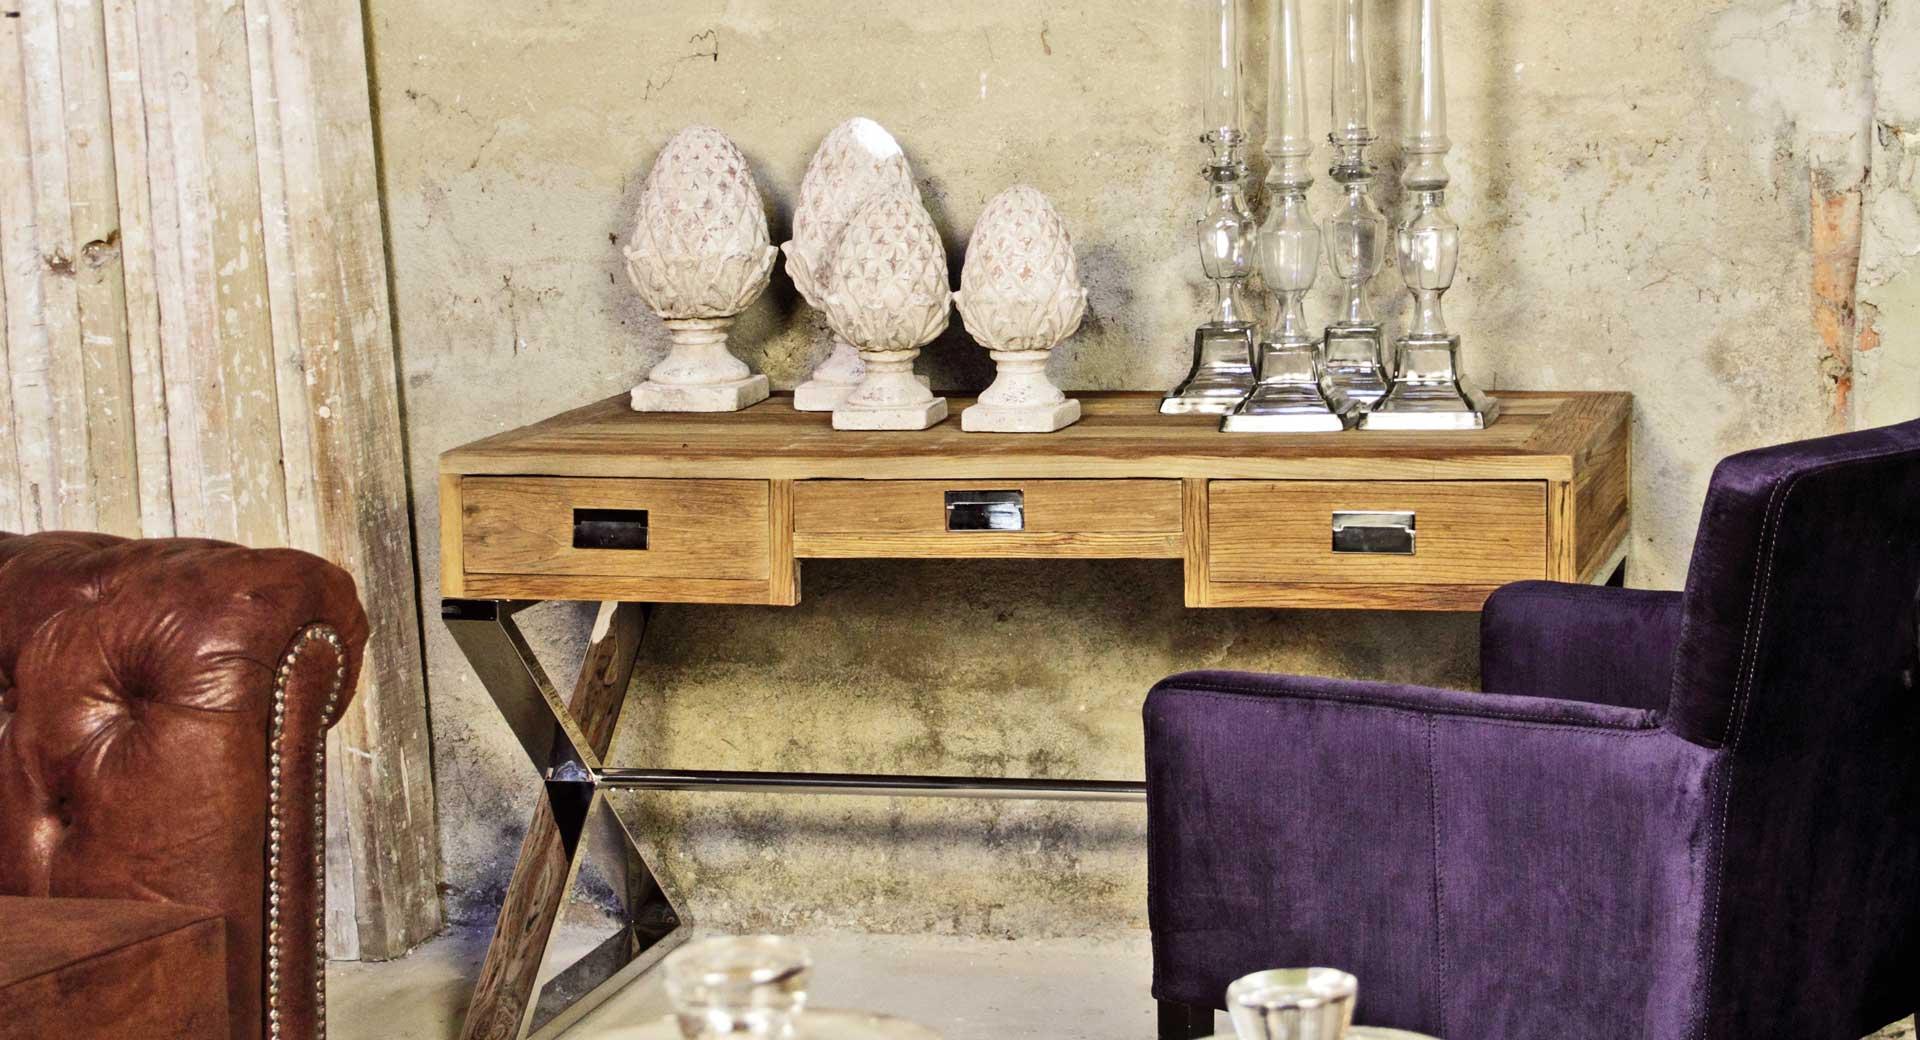 Artelore home nuestra coleccin artelore home luxury room - Hotel pueblo astur ...